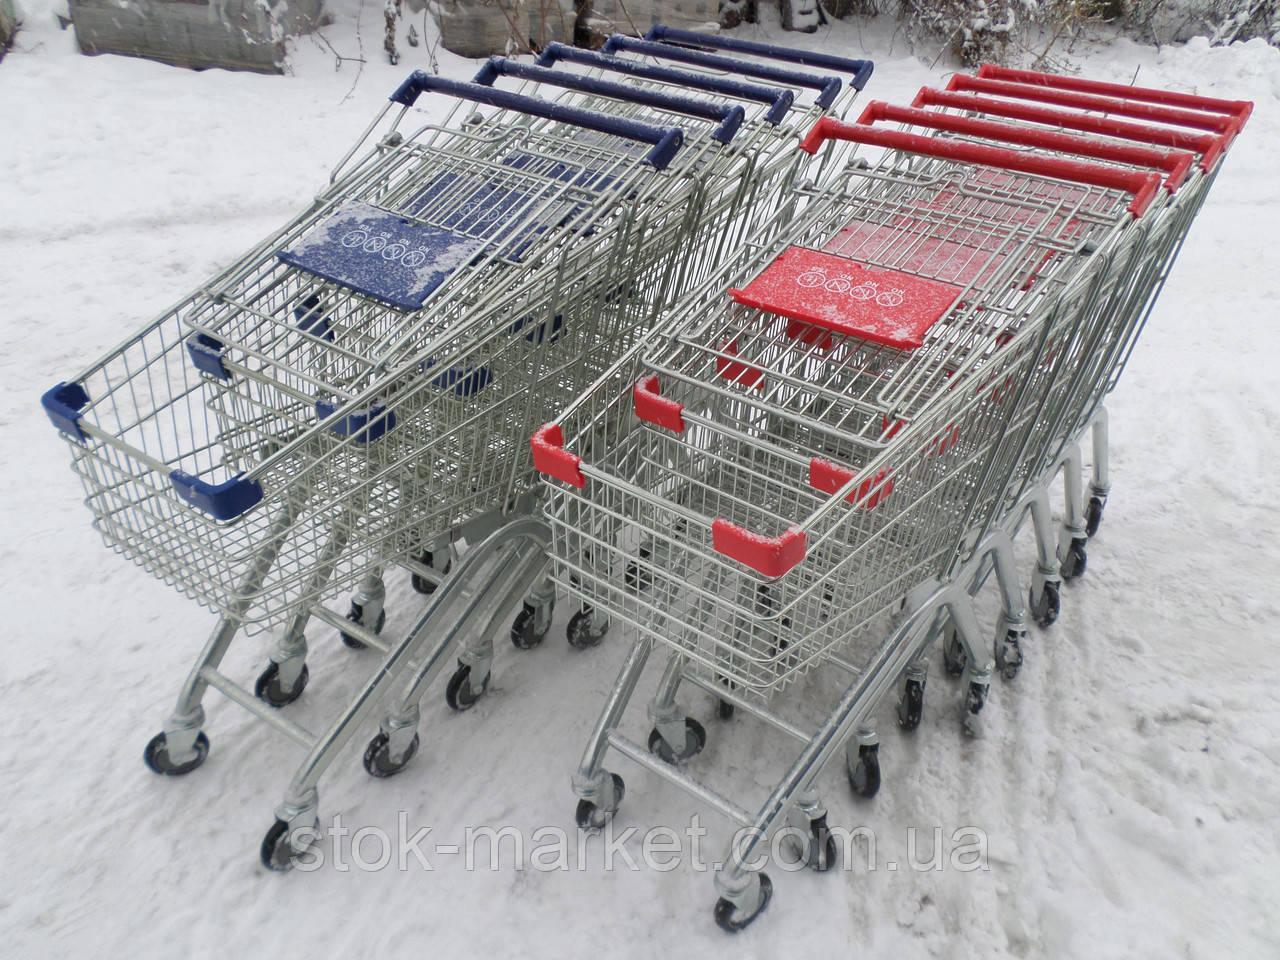 Покупательские тележки, торговые тележки, тележки для супермаркетов